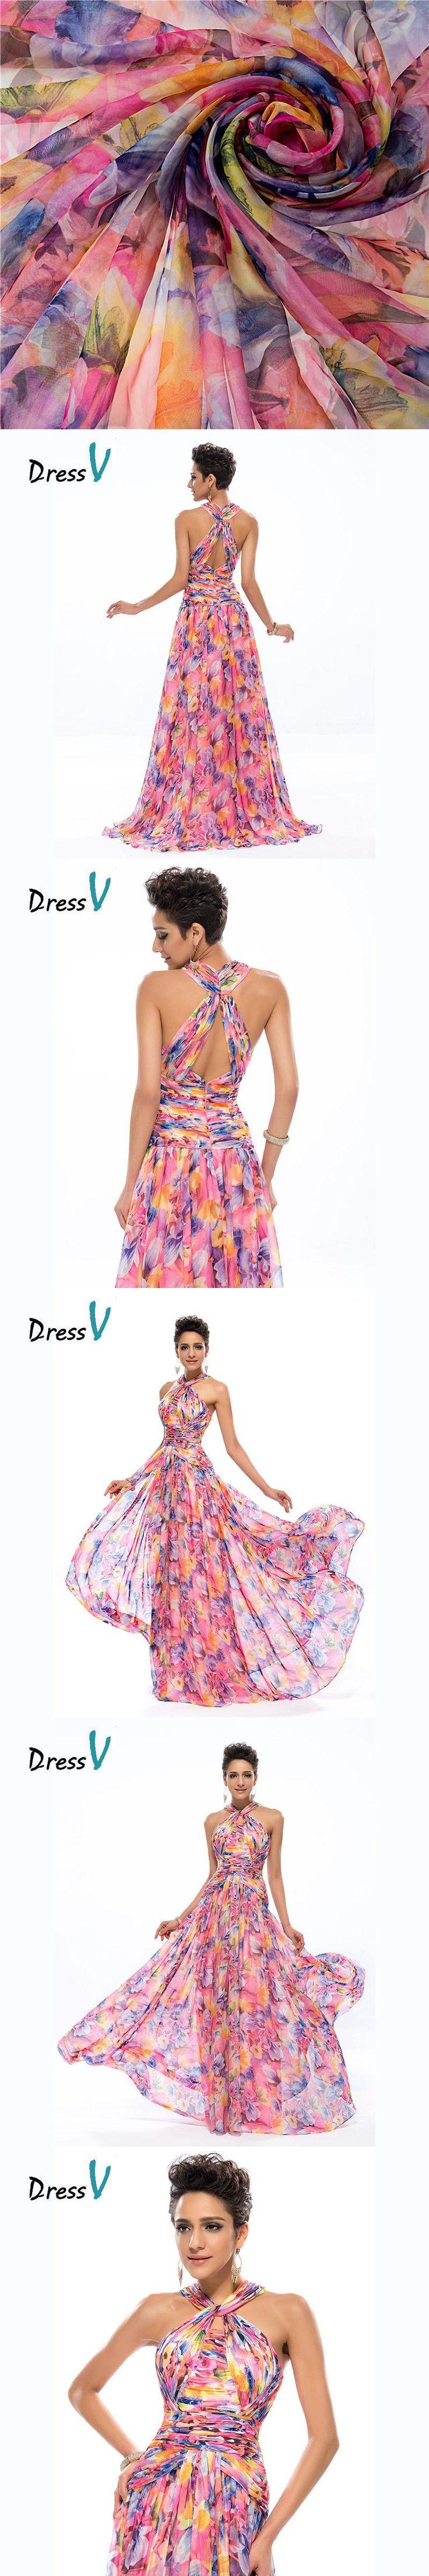 11 best Dresses images on Pinterest   Full length dresses, Evening ...